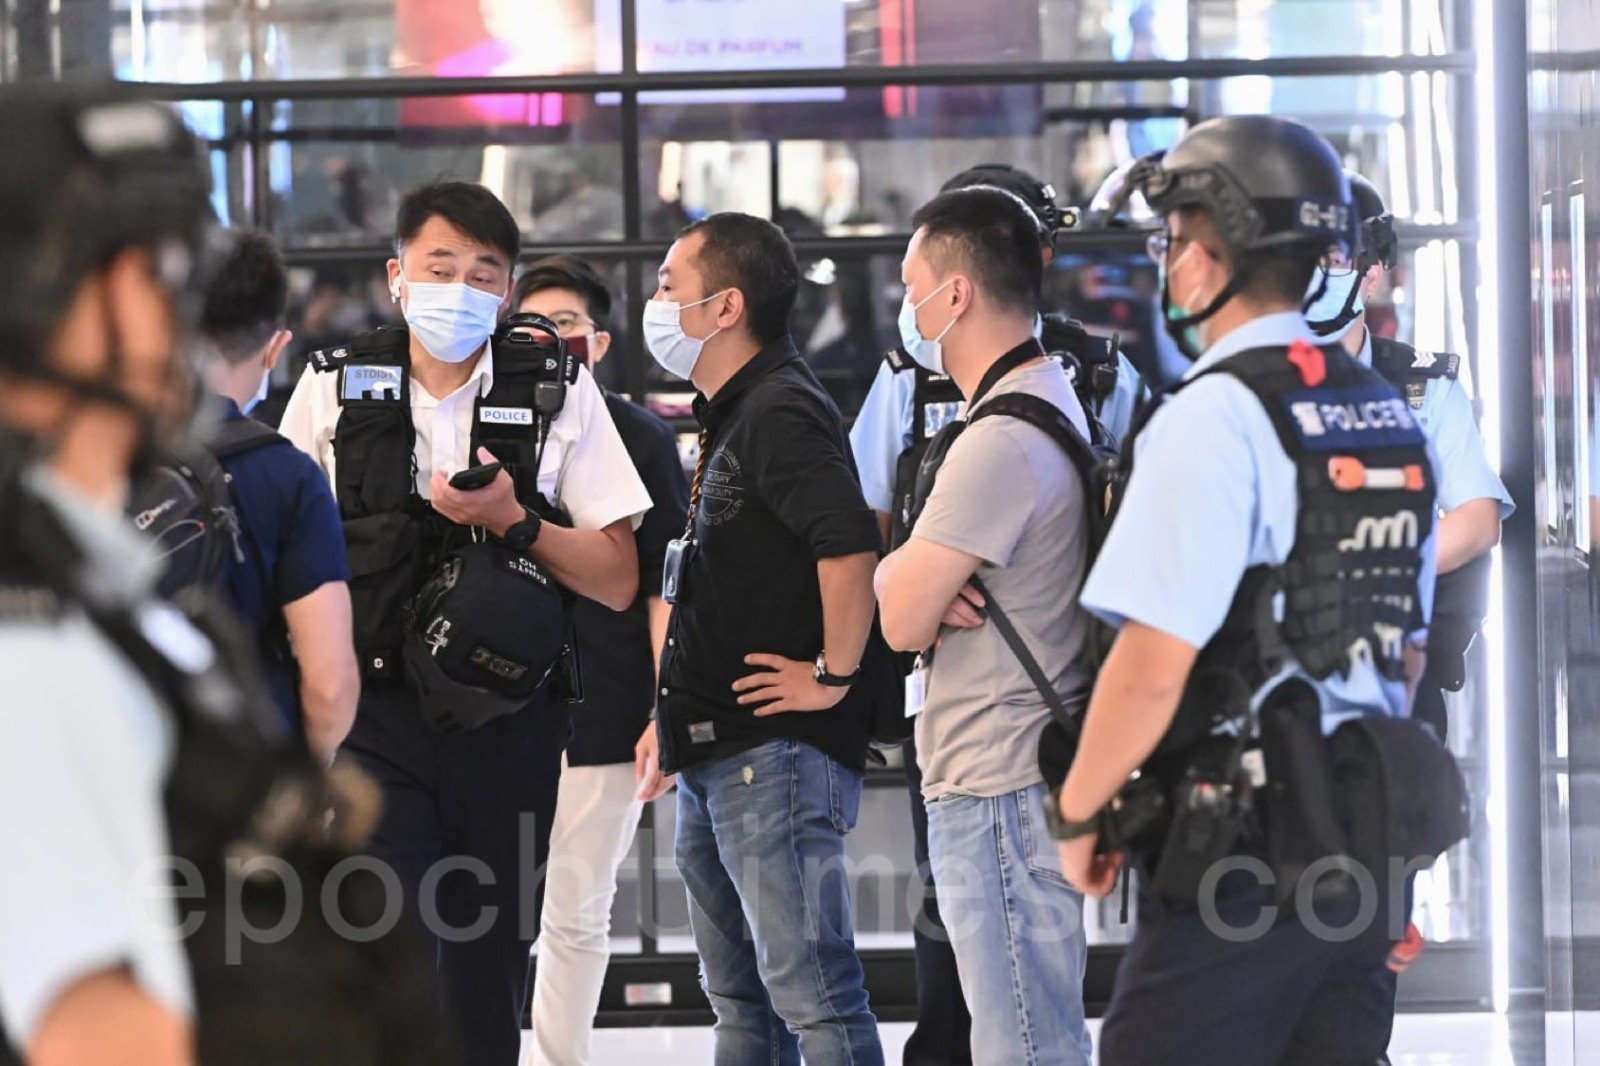 有大批警察進入商場。(宋碧龍/大紀元)